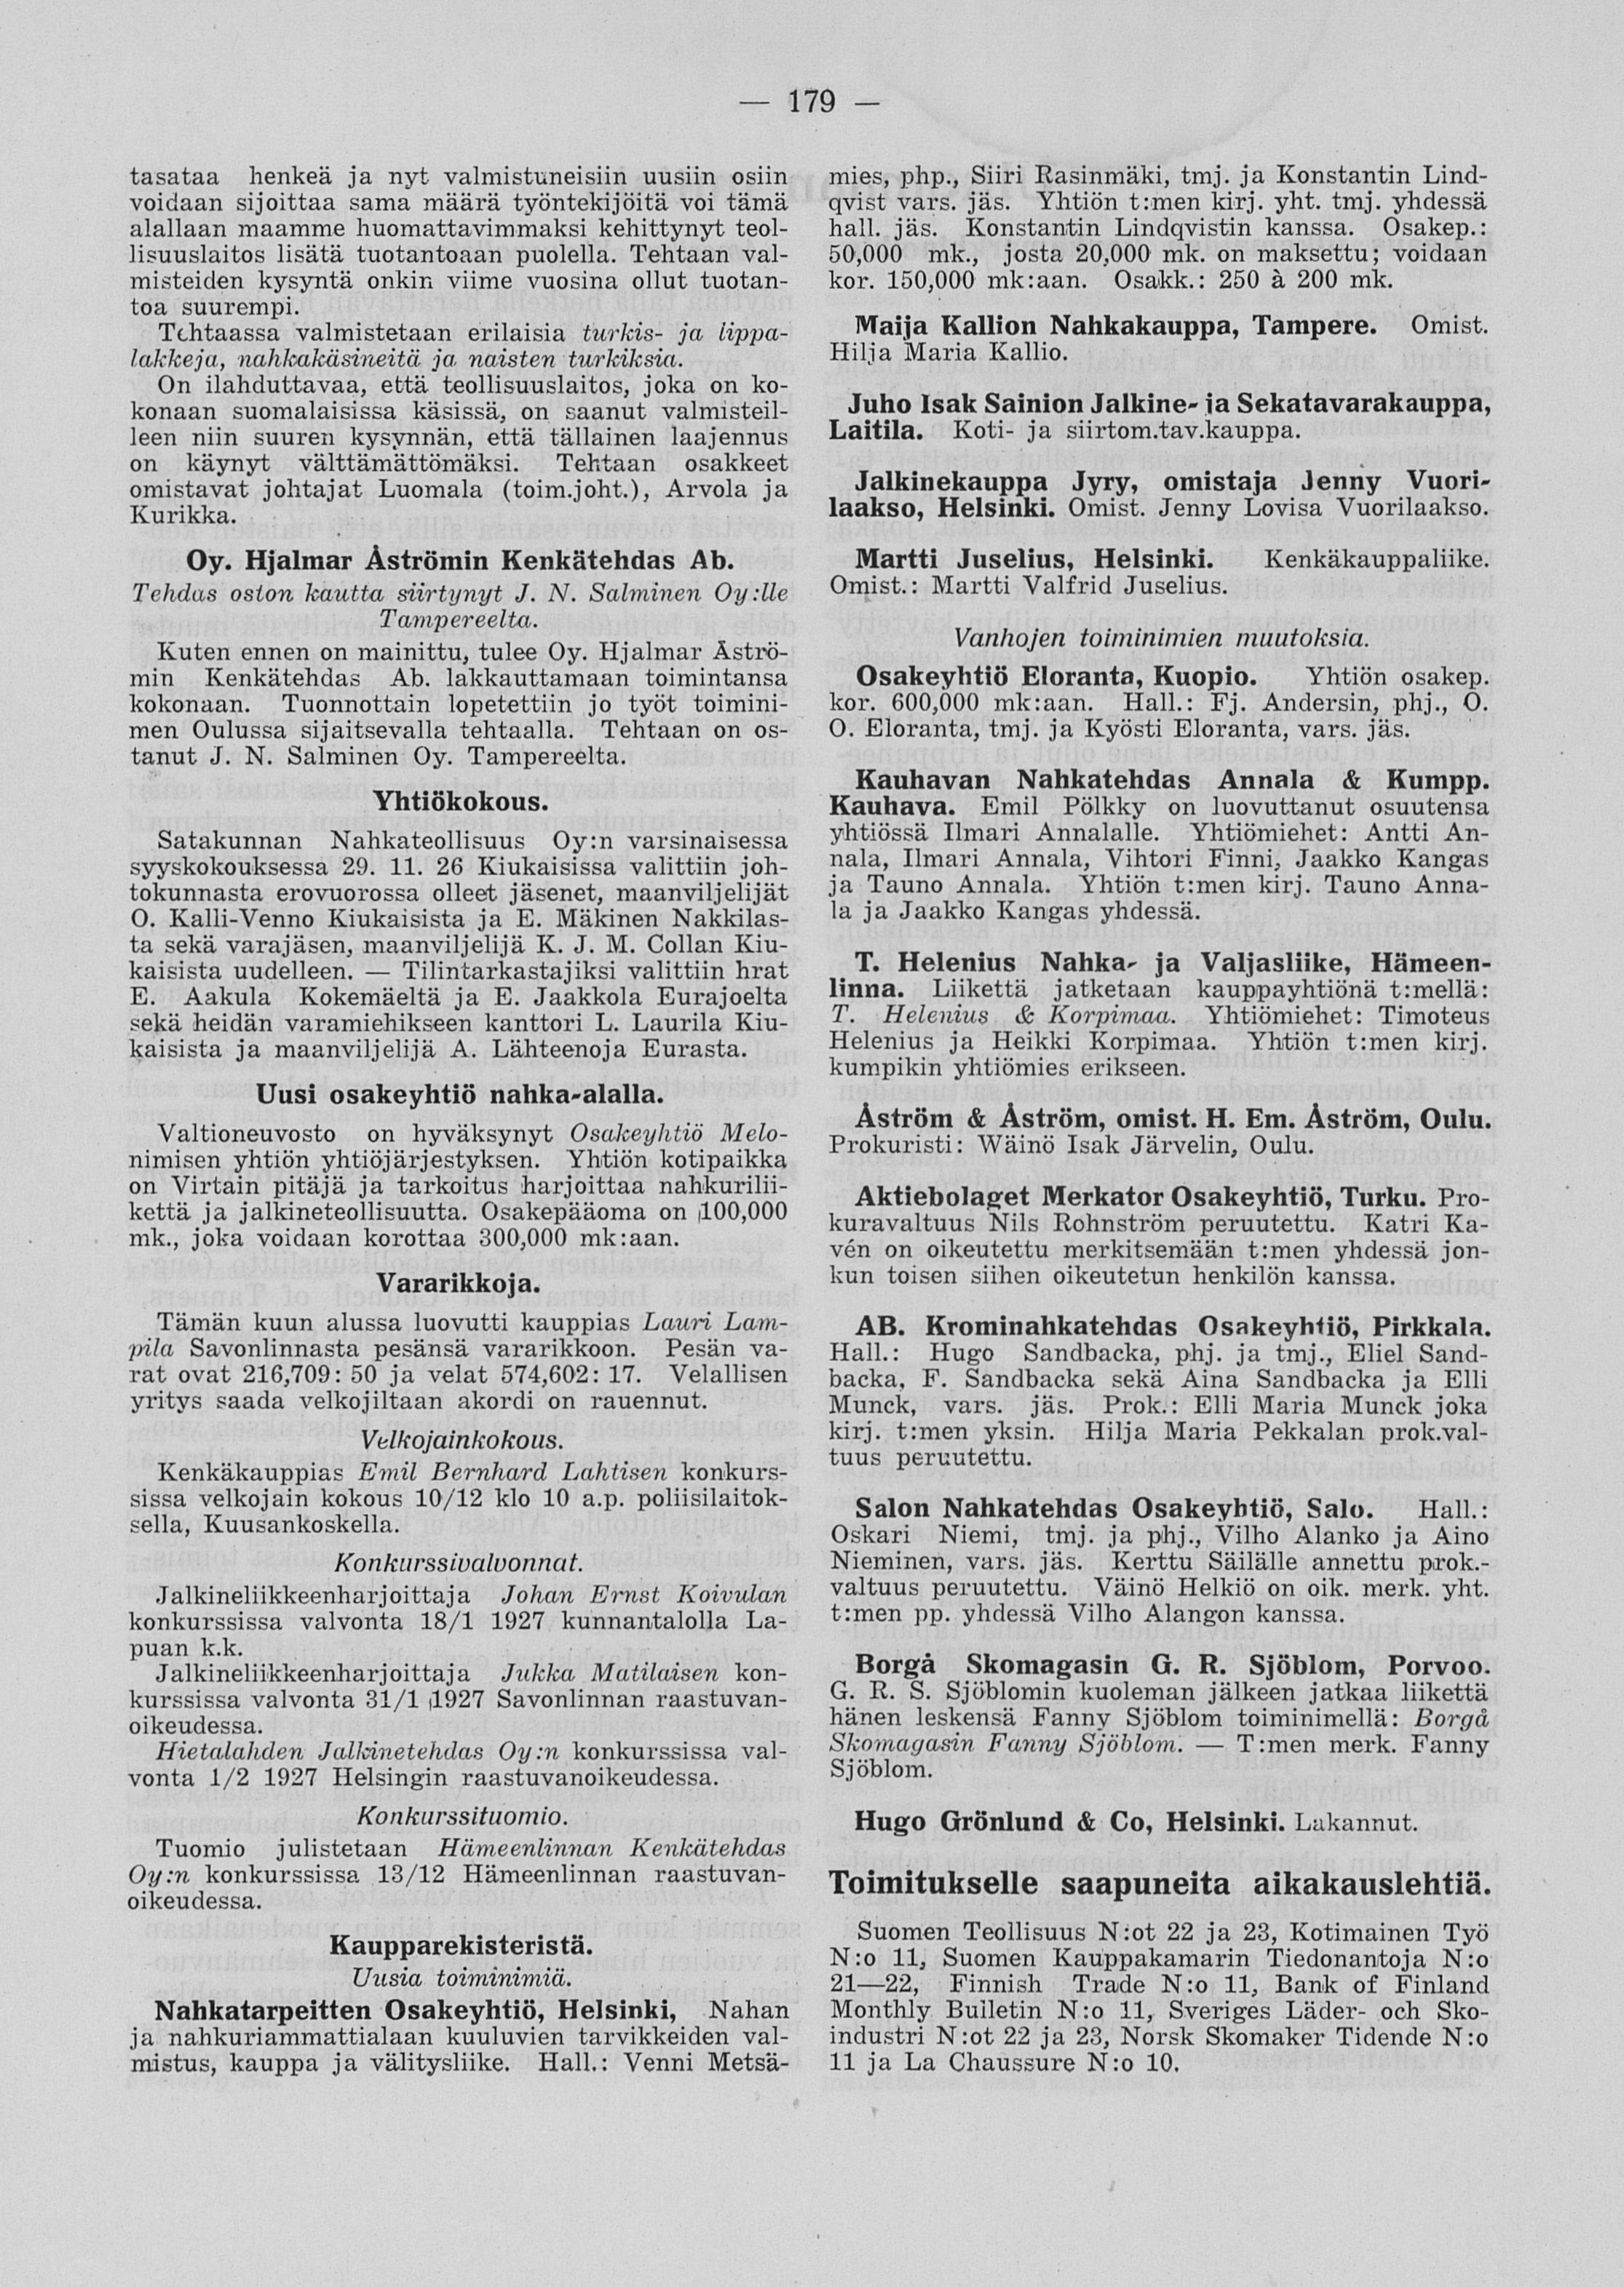 suosittu tuotemerkki uudet tarjoukset uudet tarjoukset 01.12.1926 Suomen nahka- ja kenkäteollisuus no 12 ...